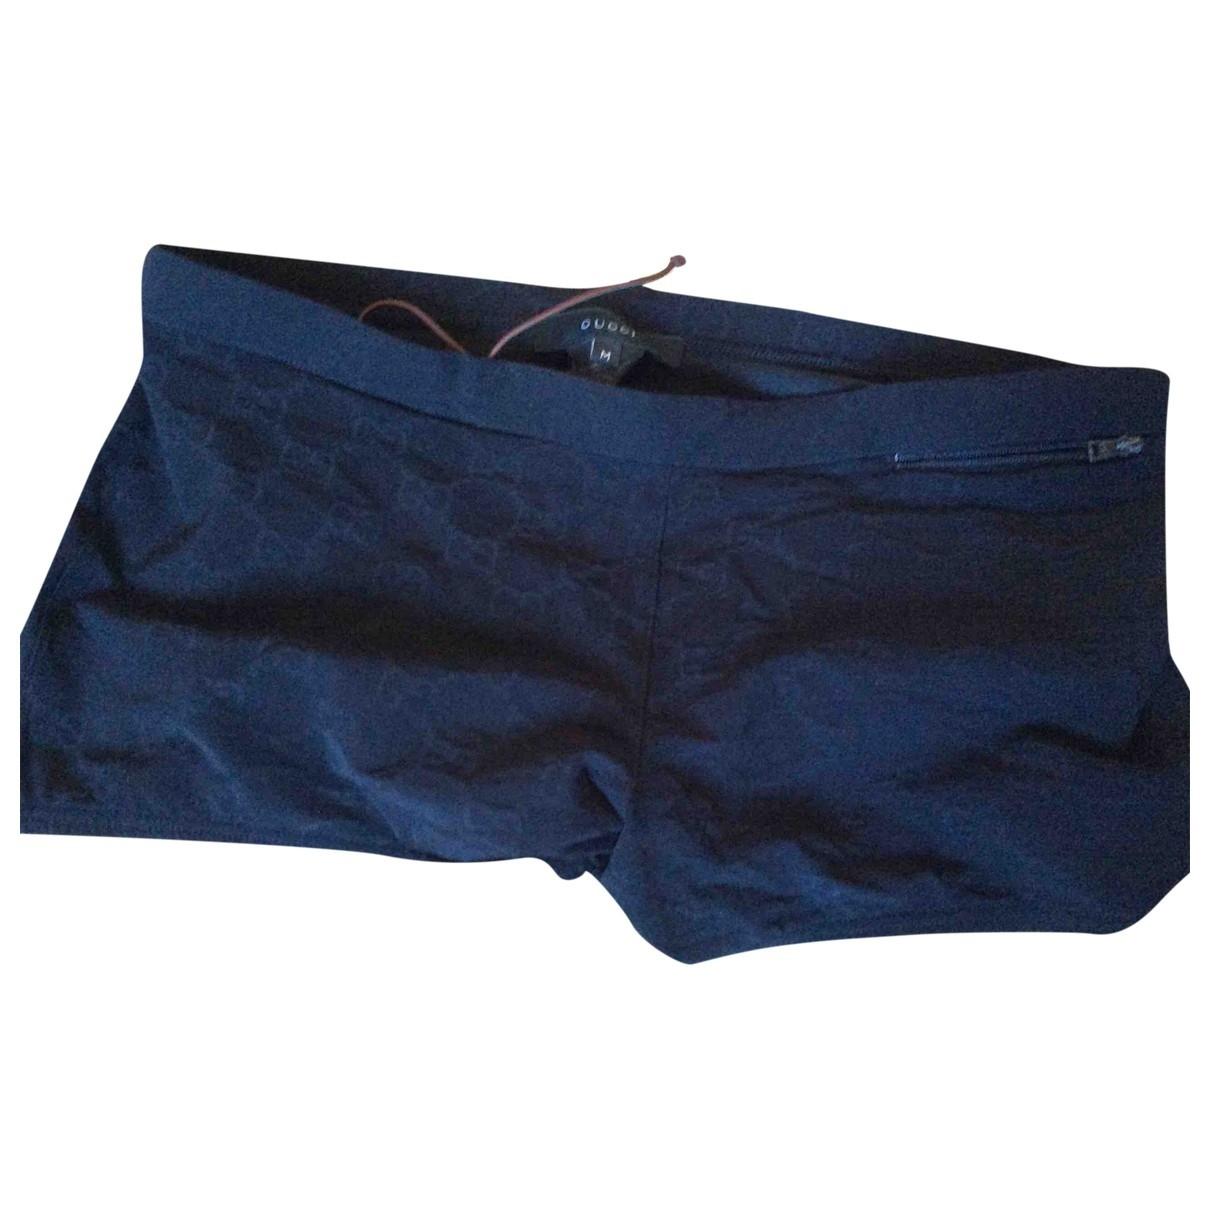 Gucci \N Badeanzug in  Marine Baumwolle - Elasthan